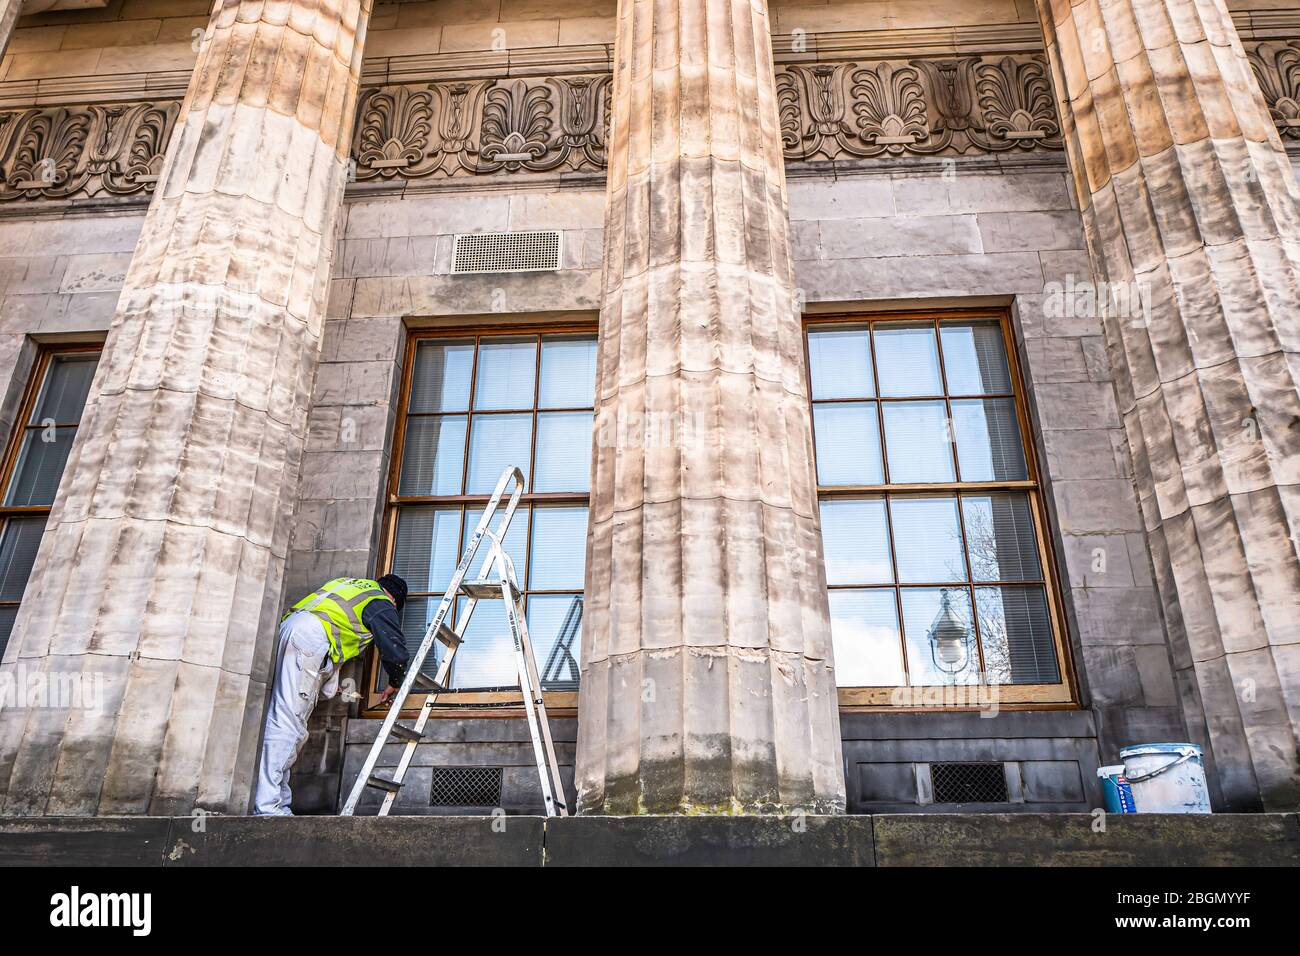 Edimburgo, Lothian, Escocia, Reino Unido. 13 de marzo de 2020. Un pintor y decorador retoca las ventanas de guillotina del edificio neoclásico de la Nación Escocesa Foto de stock